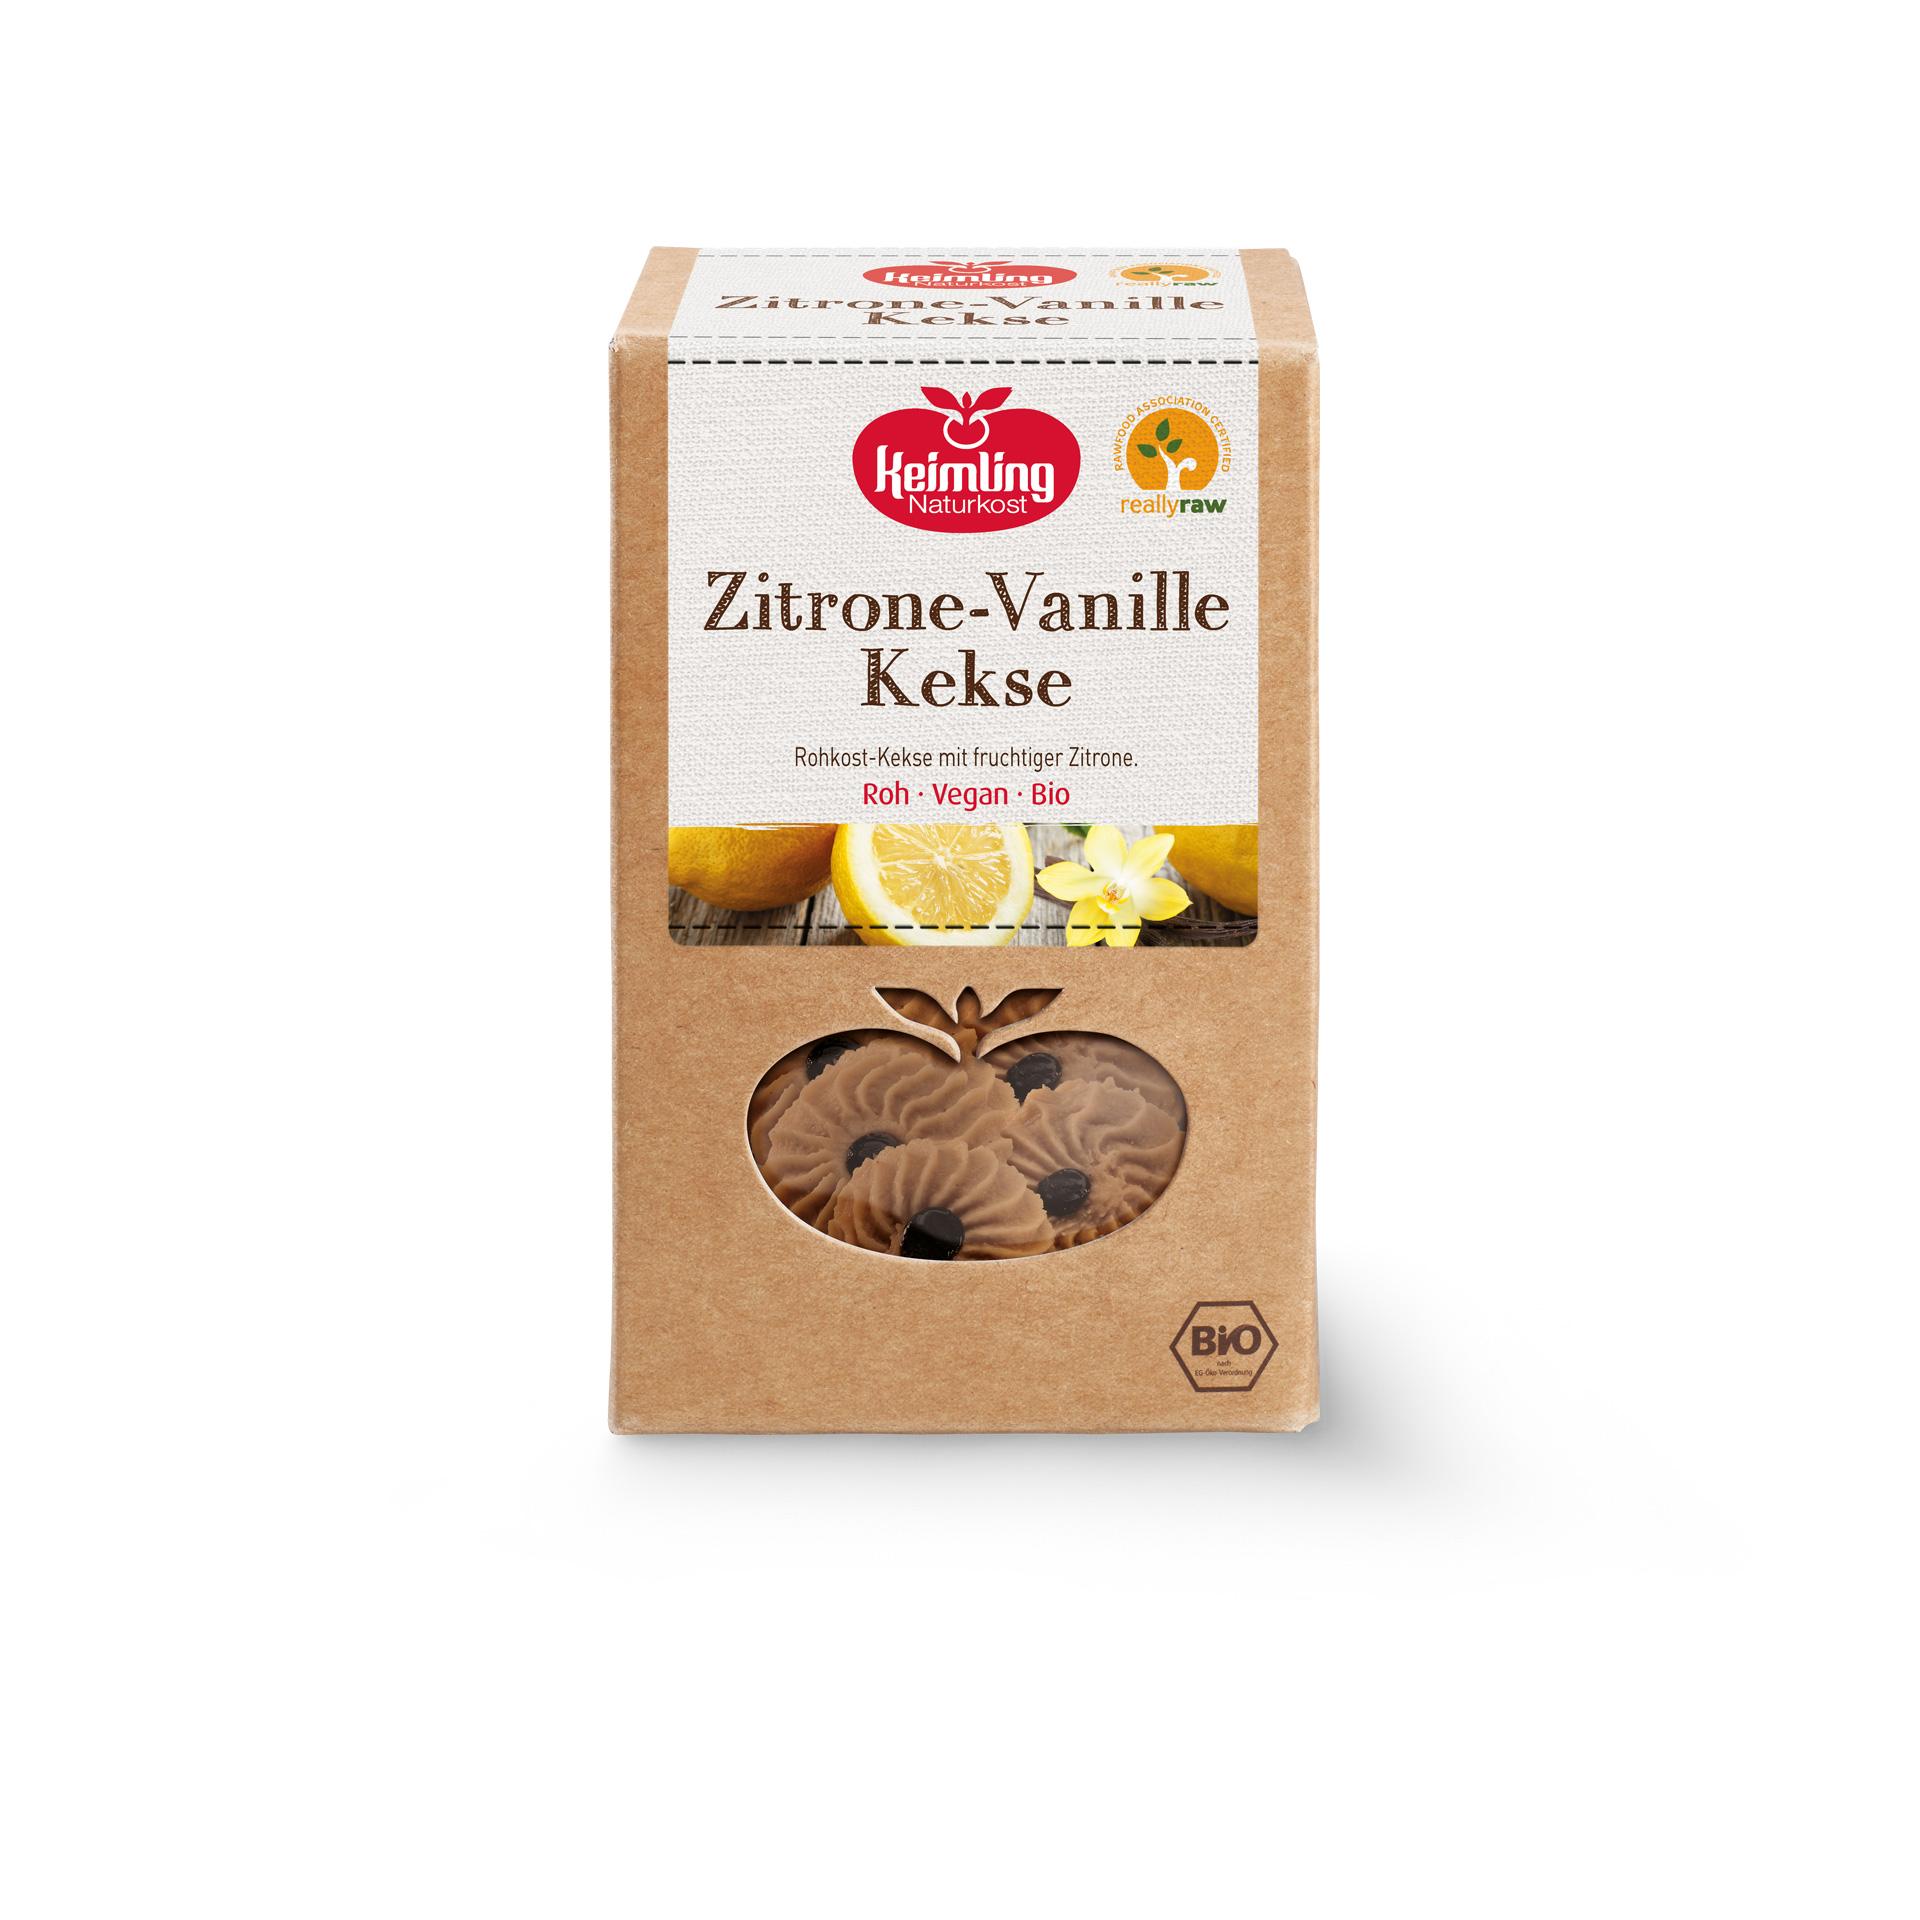 Zitrone-Vanille Kekse, bio 120 g